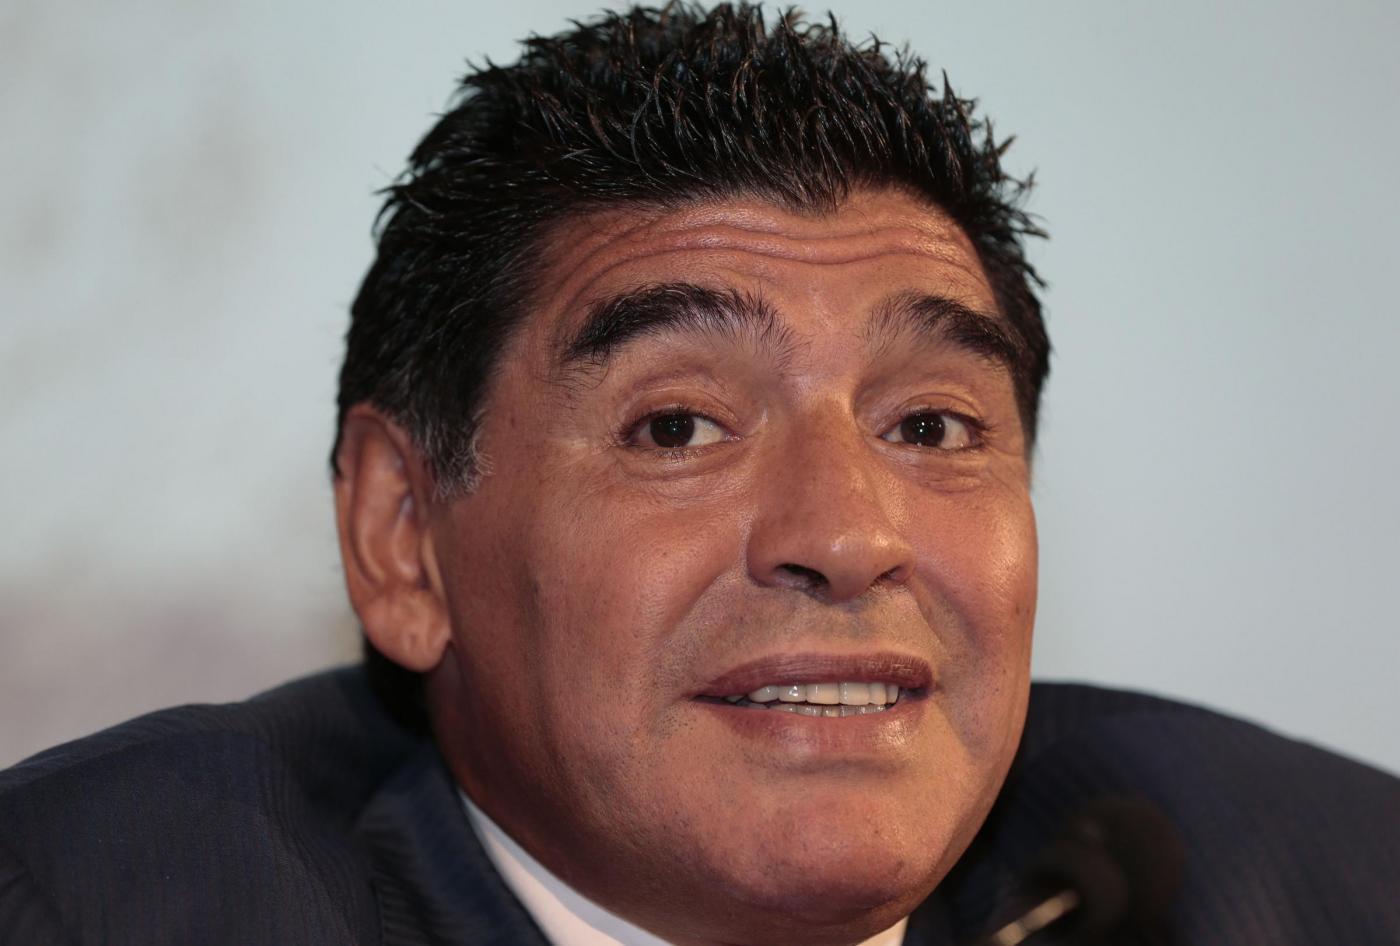 Maradona compie 57 anni! Tanti auguri al Pibe de Oro!